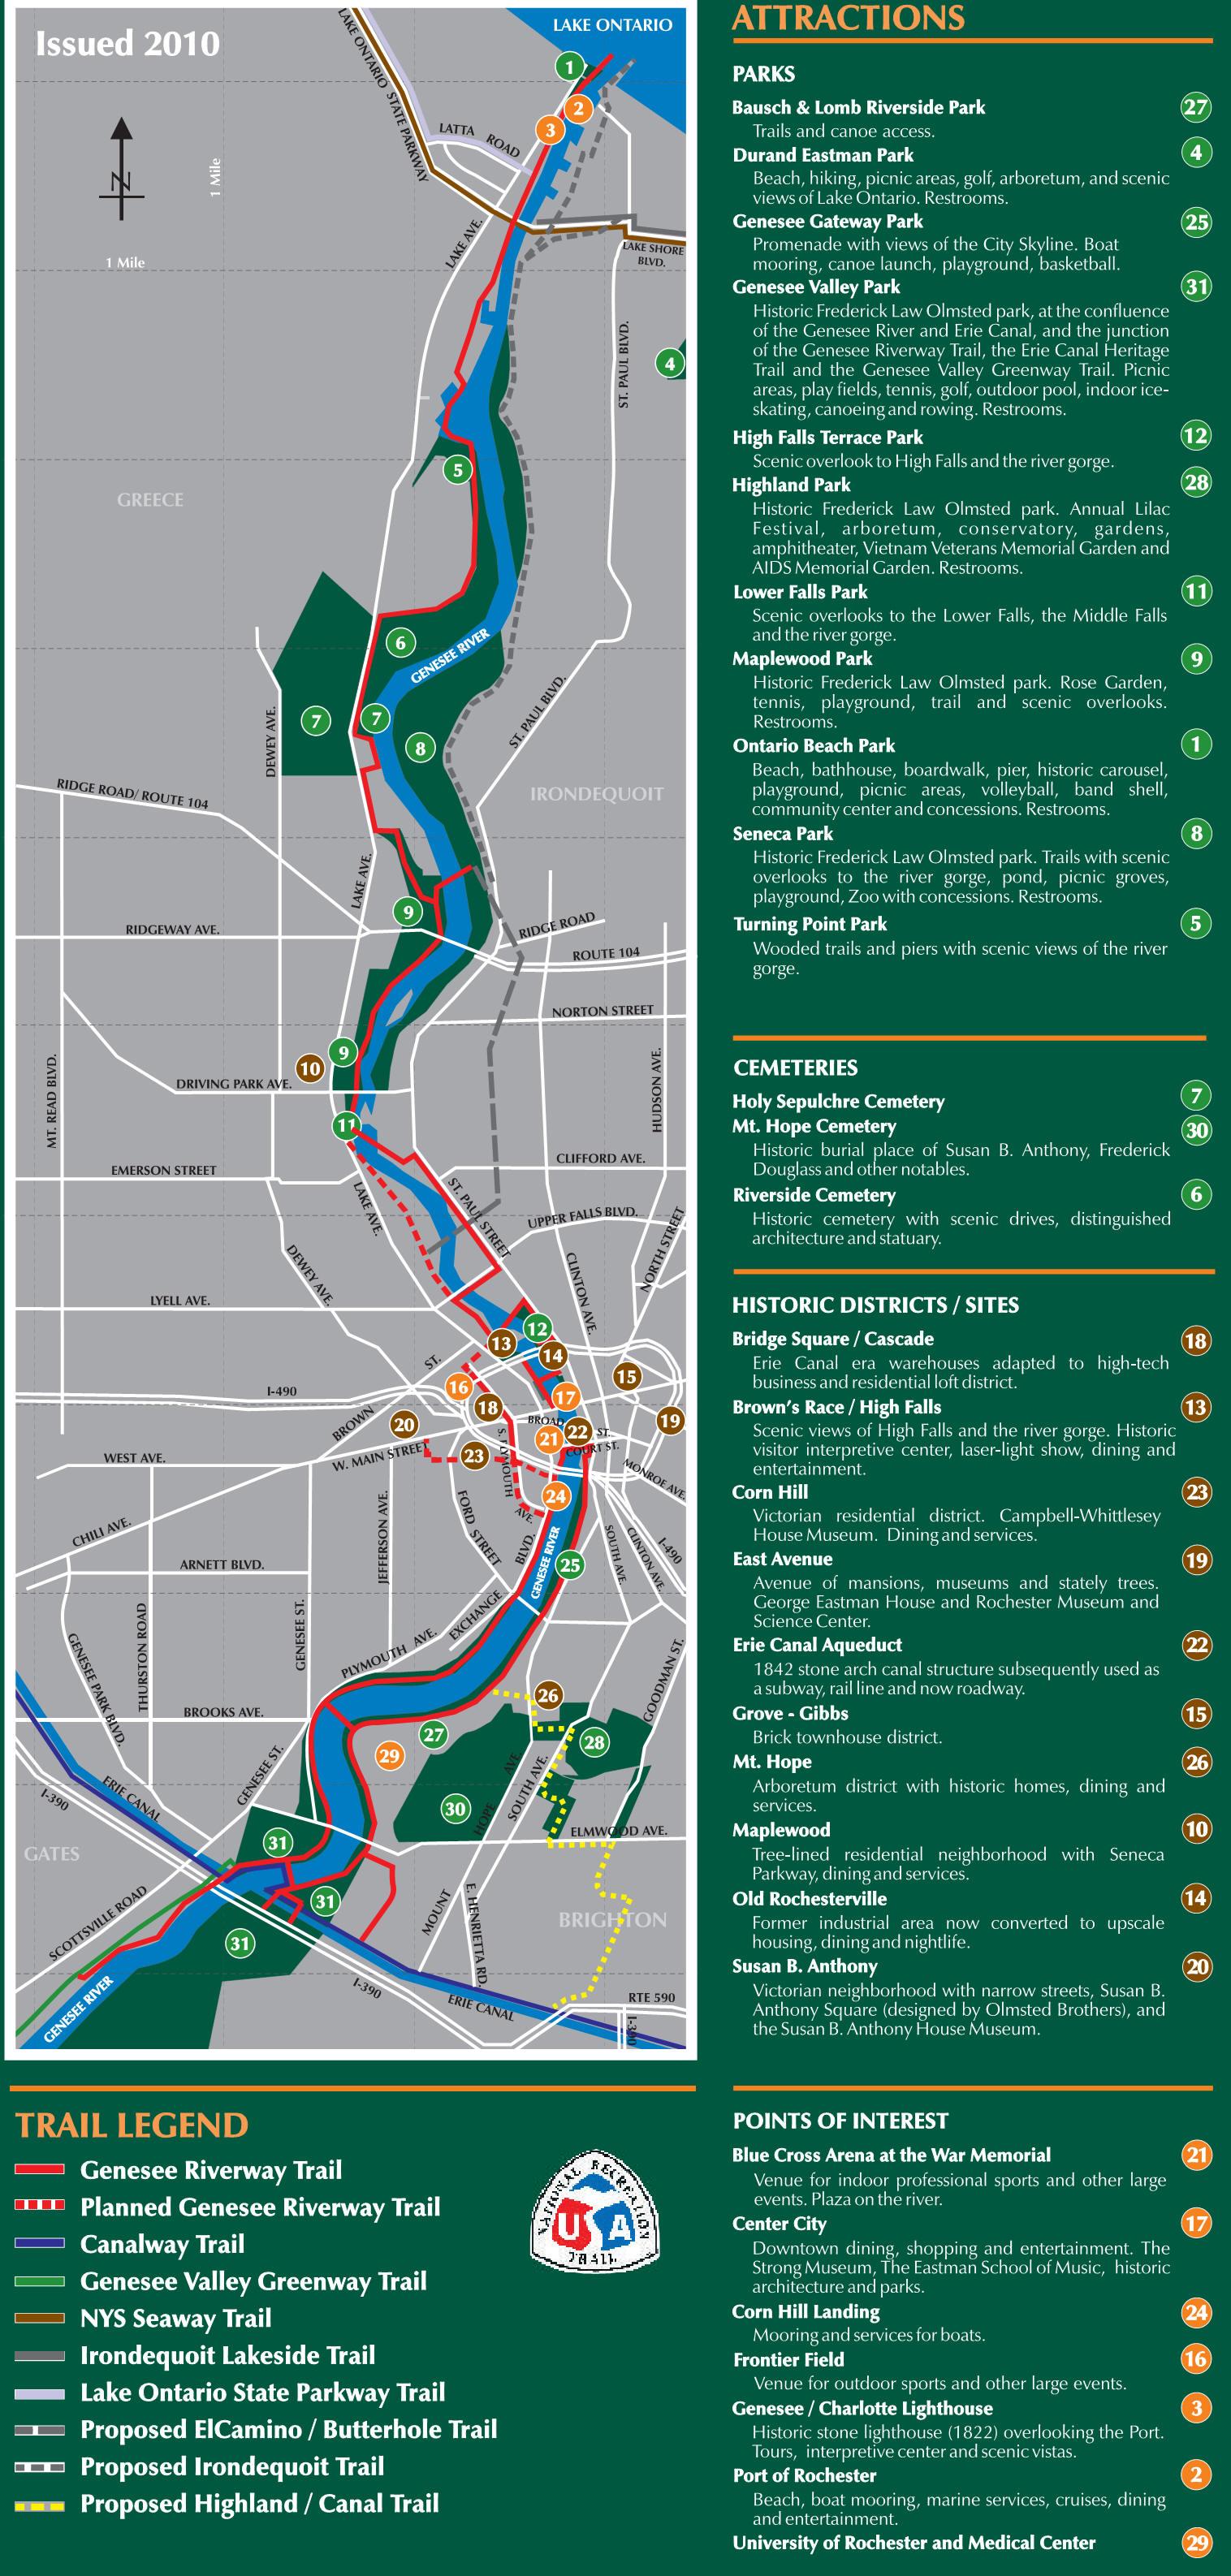 genesee riverway trail